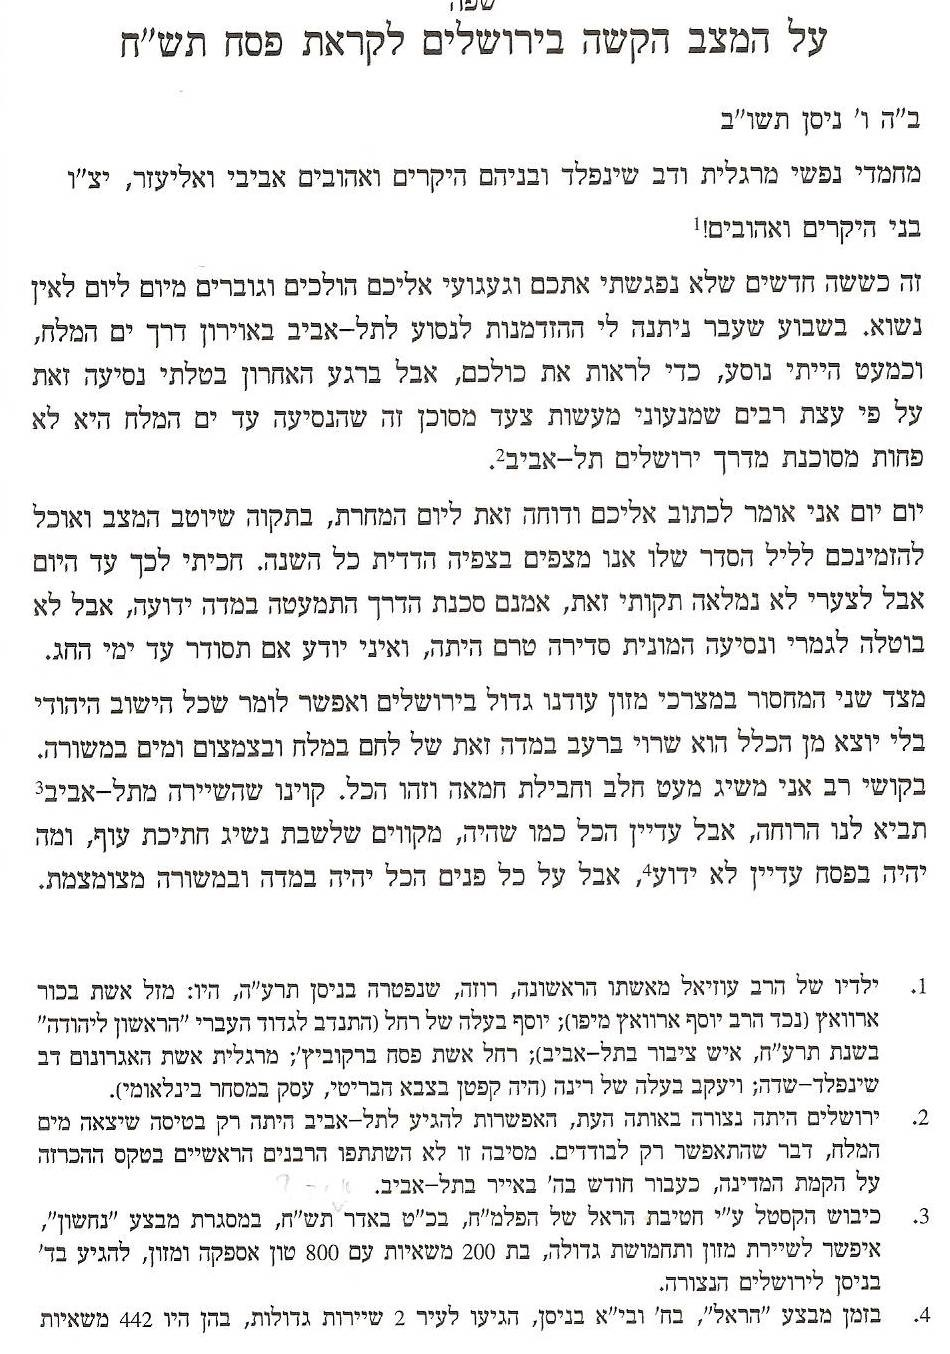 מכתב מירושלים הנצורה1